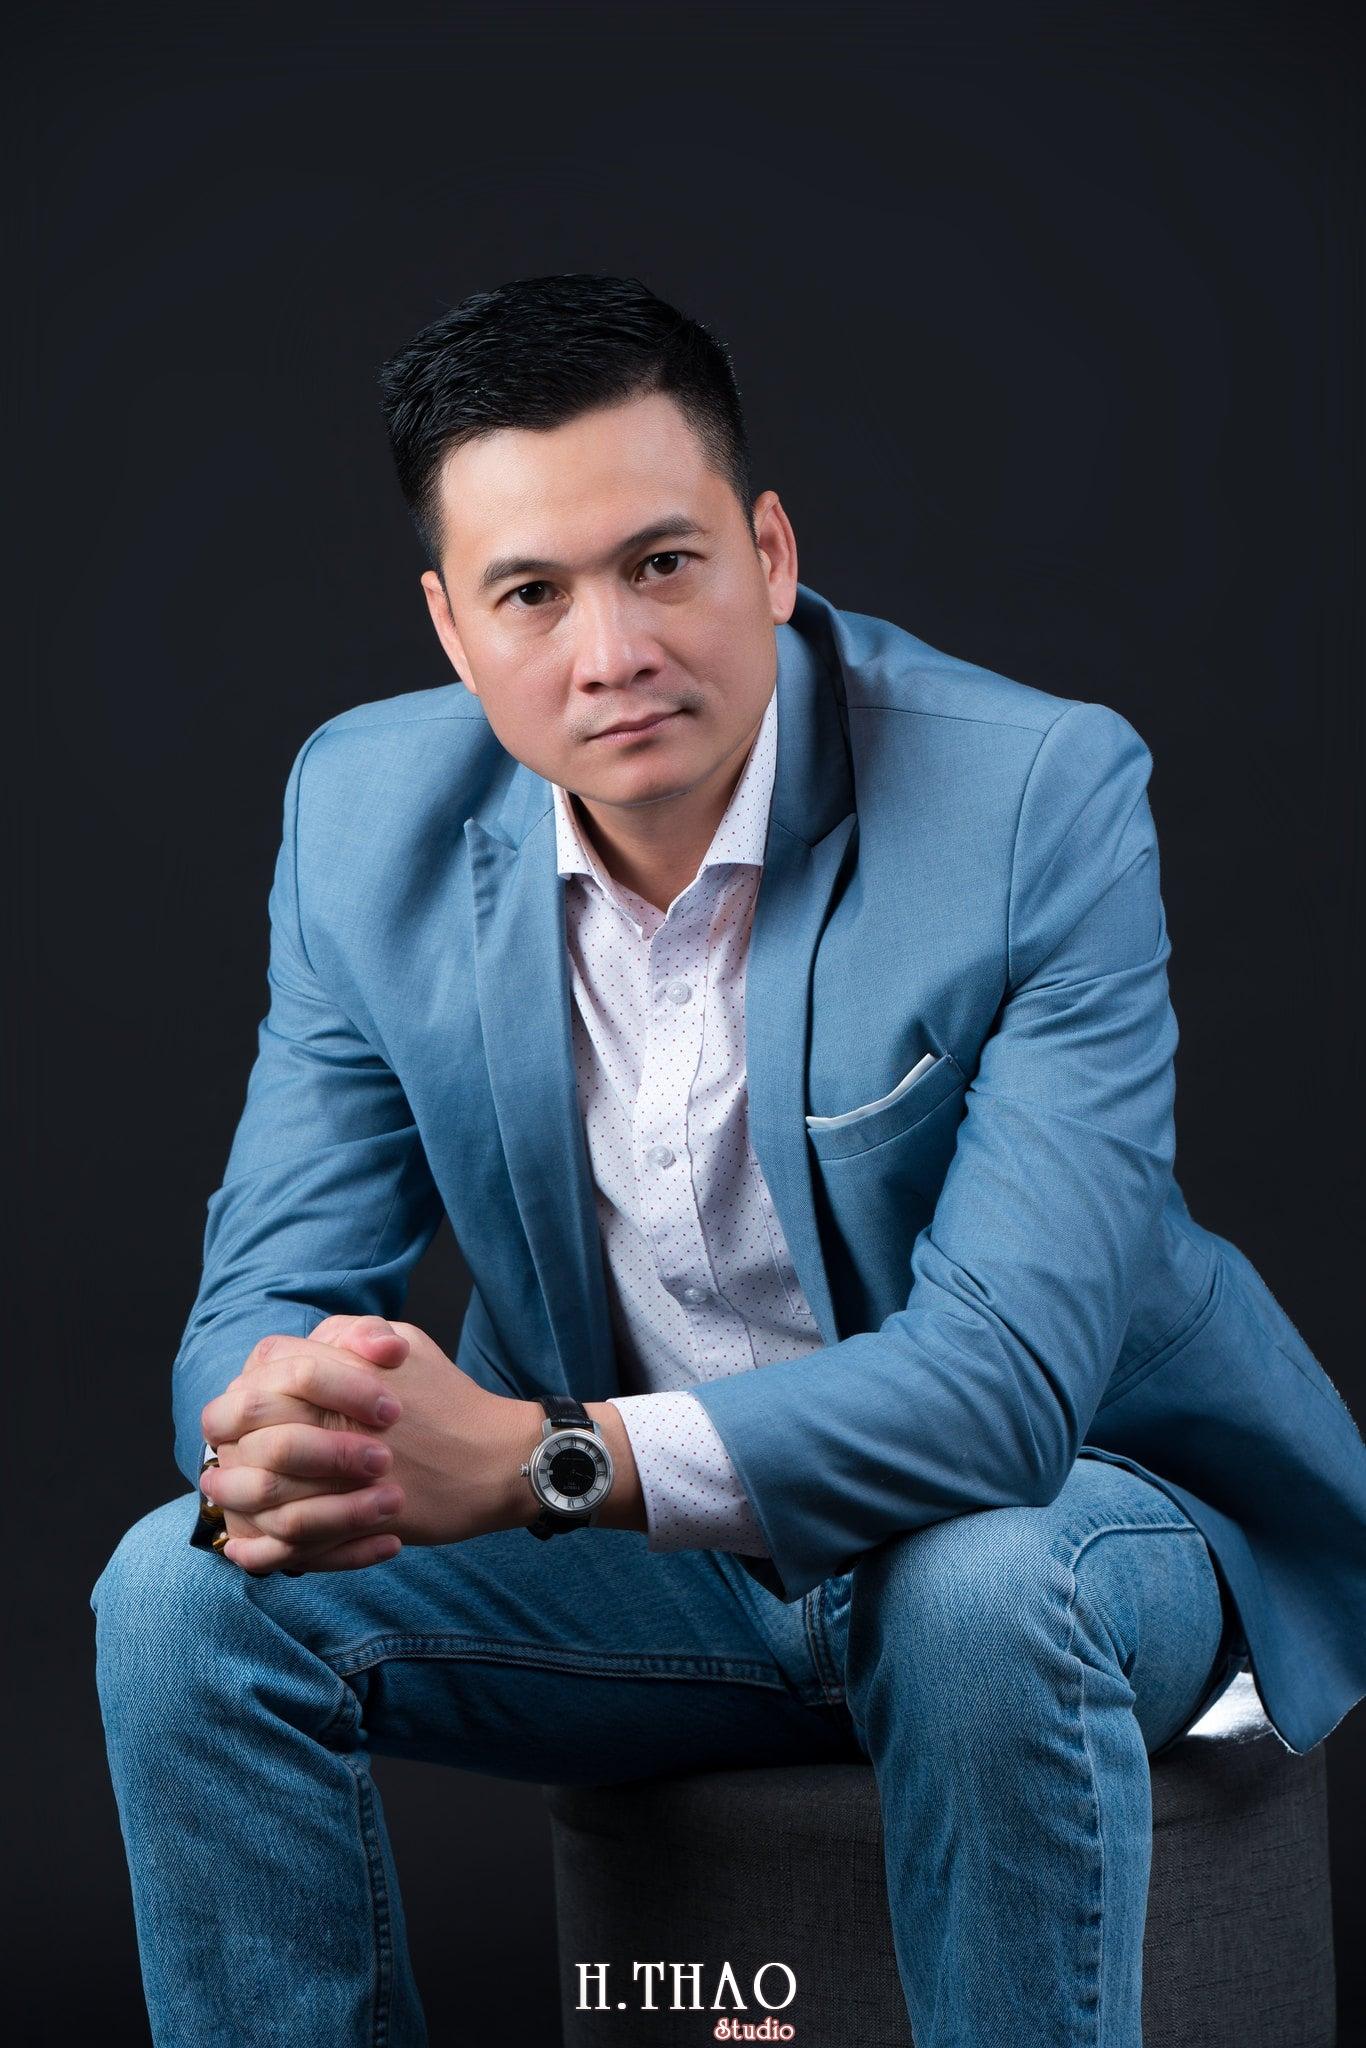 nh nam doanh nhân - Dịch vụ chụp ảnh chân dung doanh nhân tại Tp.HCM - HThao Studio